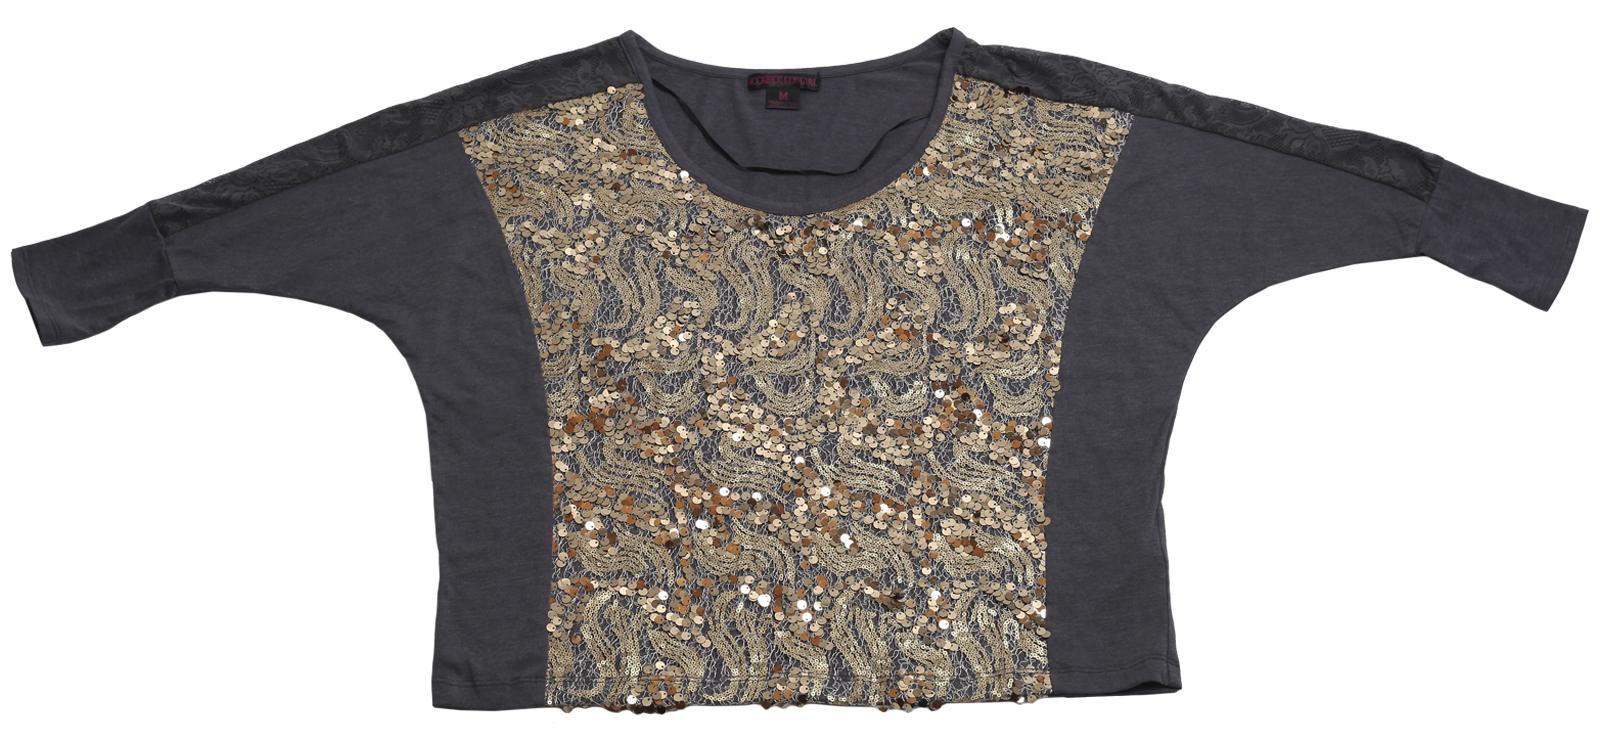 Модная кофточка от Rock&Roll CowGirl с пайетками, дизайнерского покроя